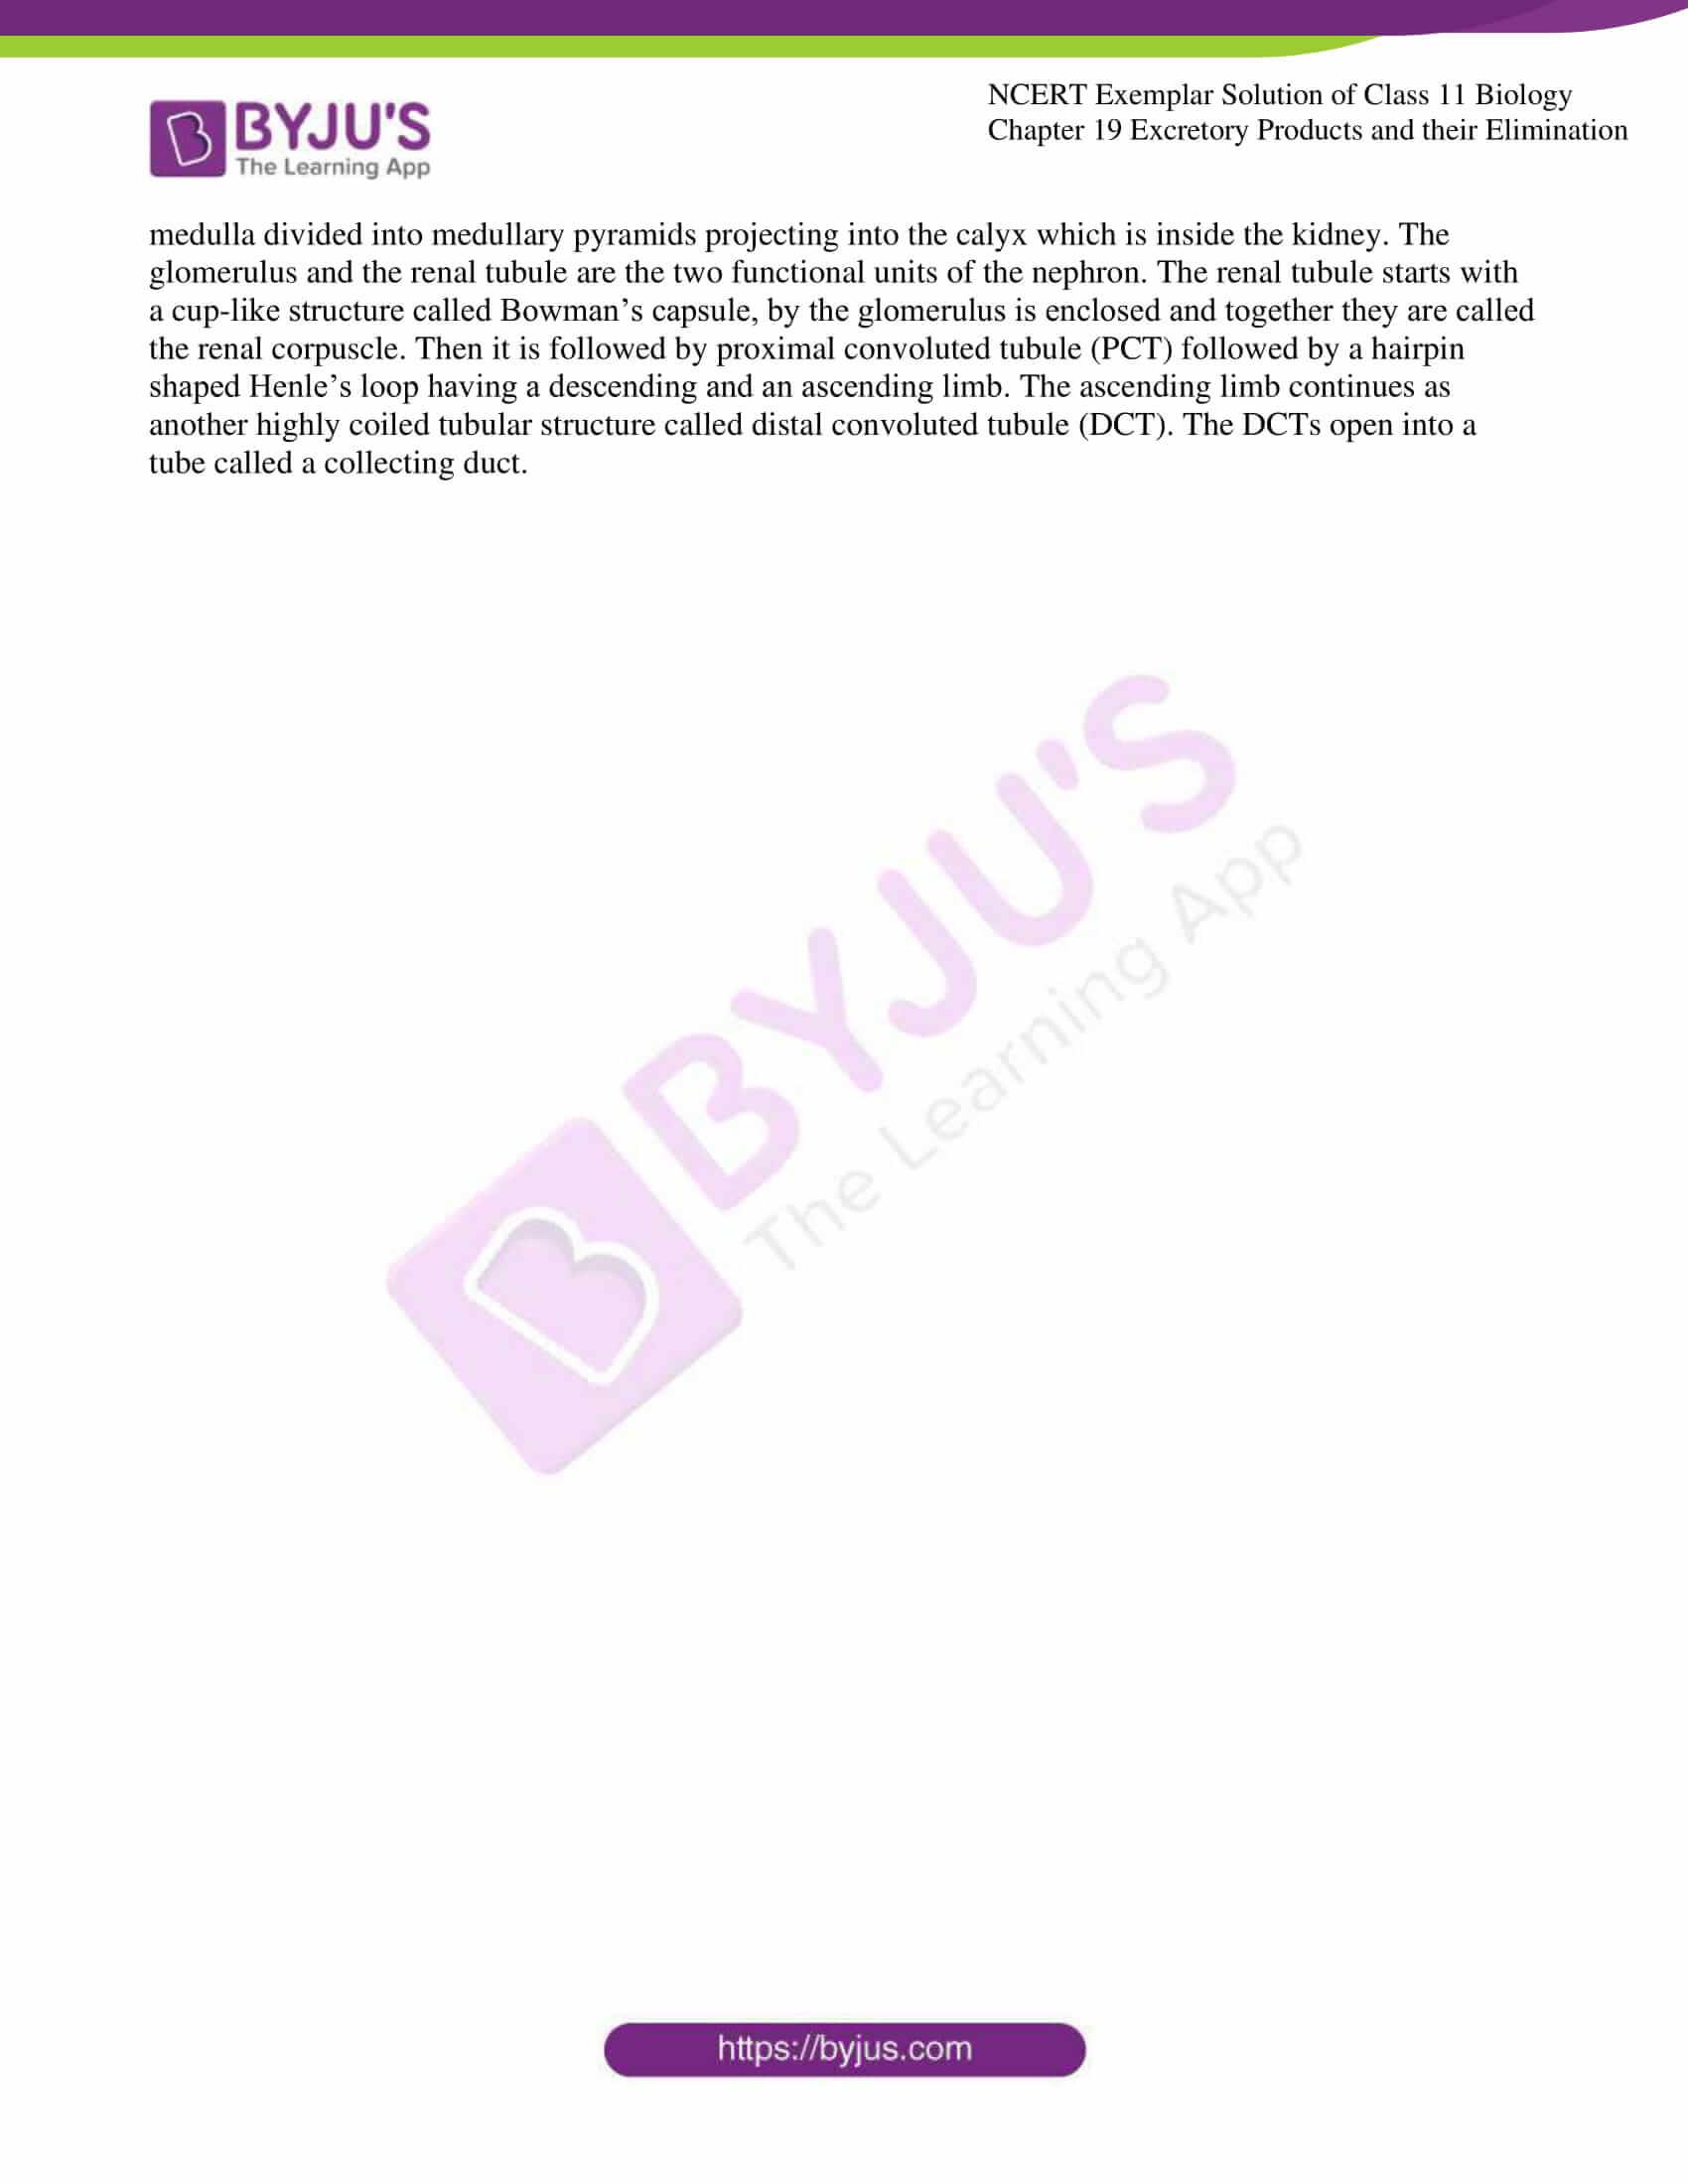 ncert exemplar solutions class 11 biology chapter 19 11